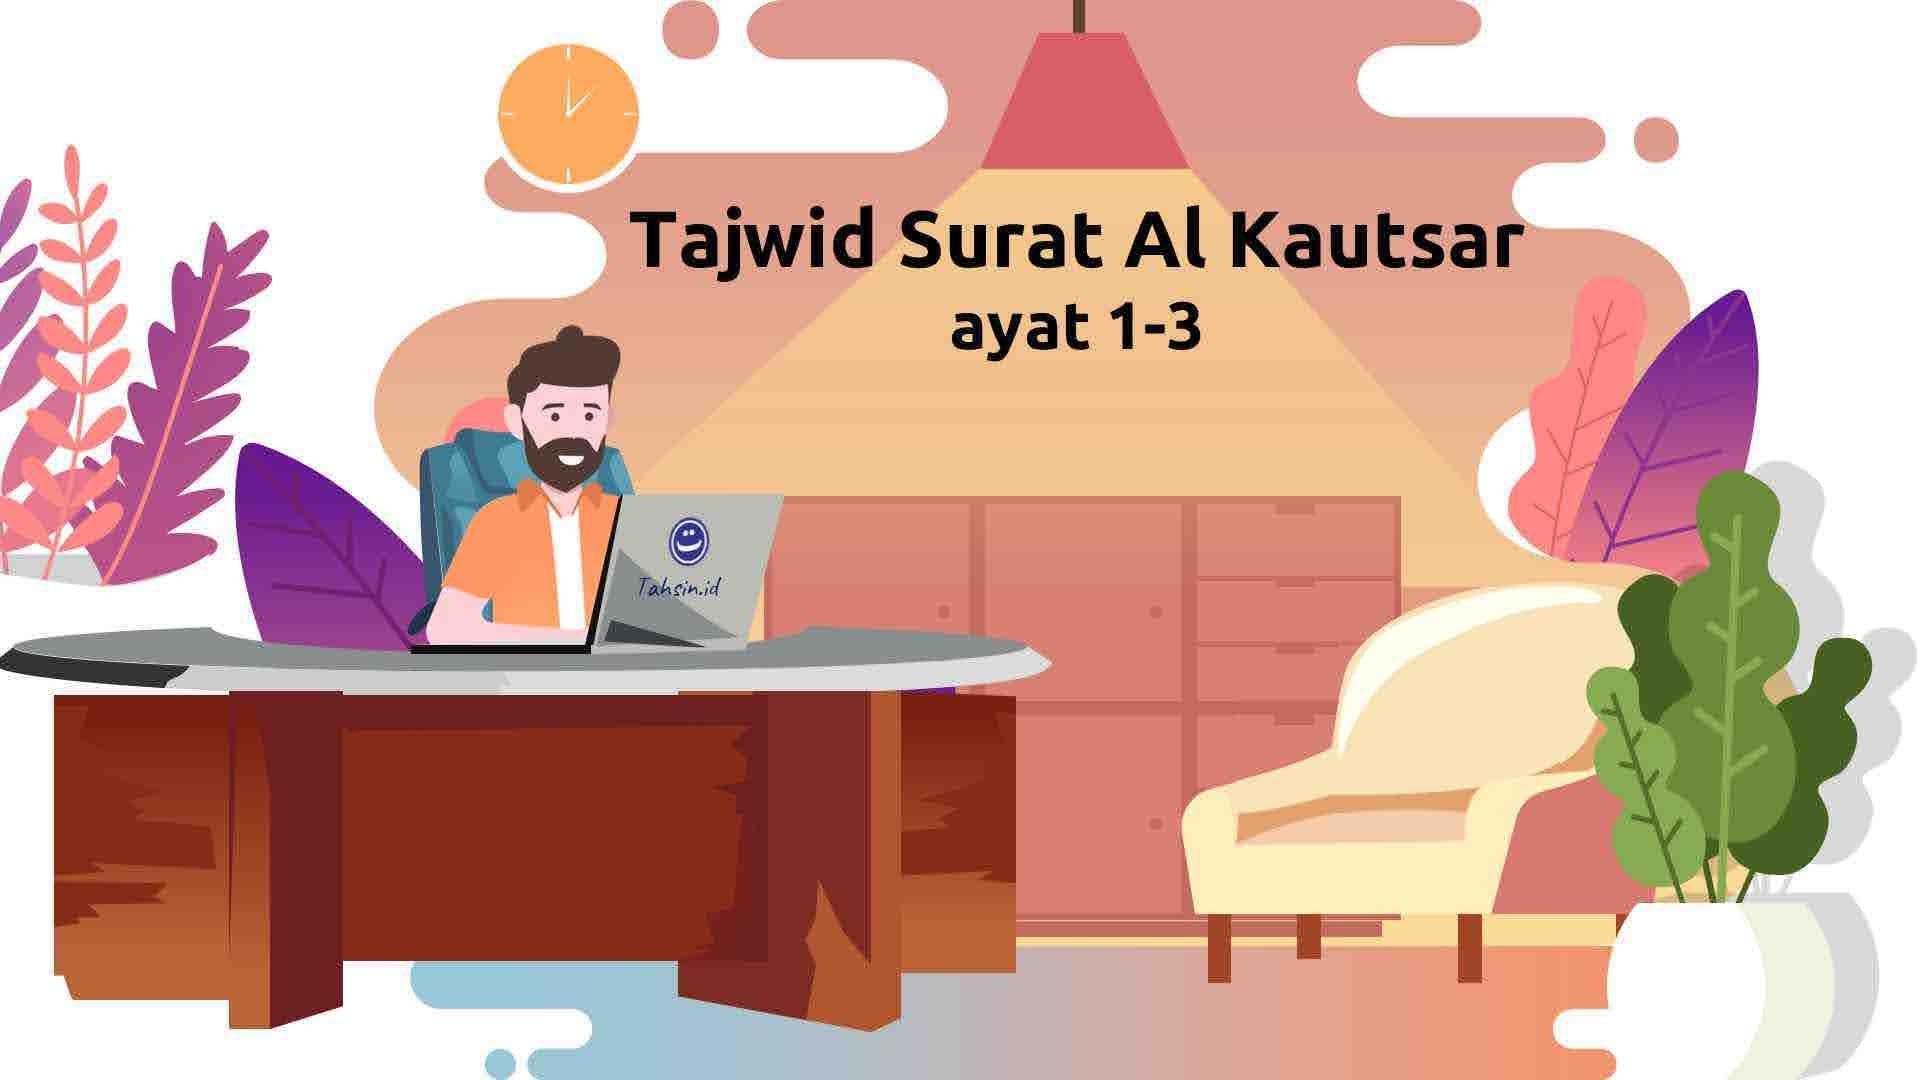 tajwid-surat-al-kautsar